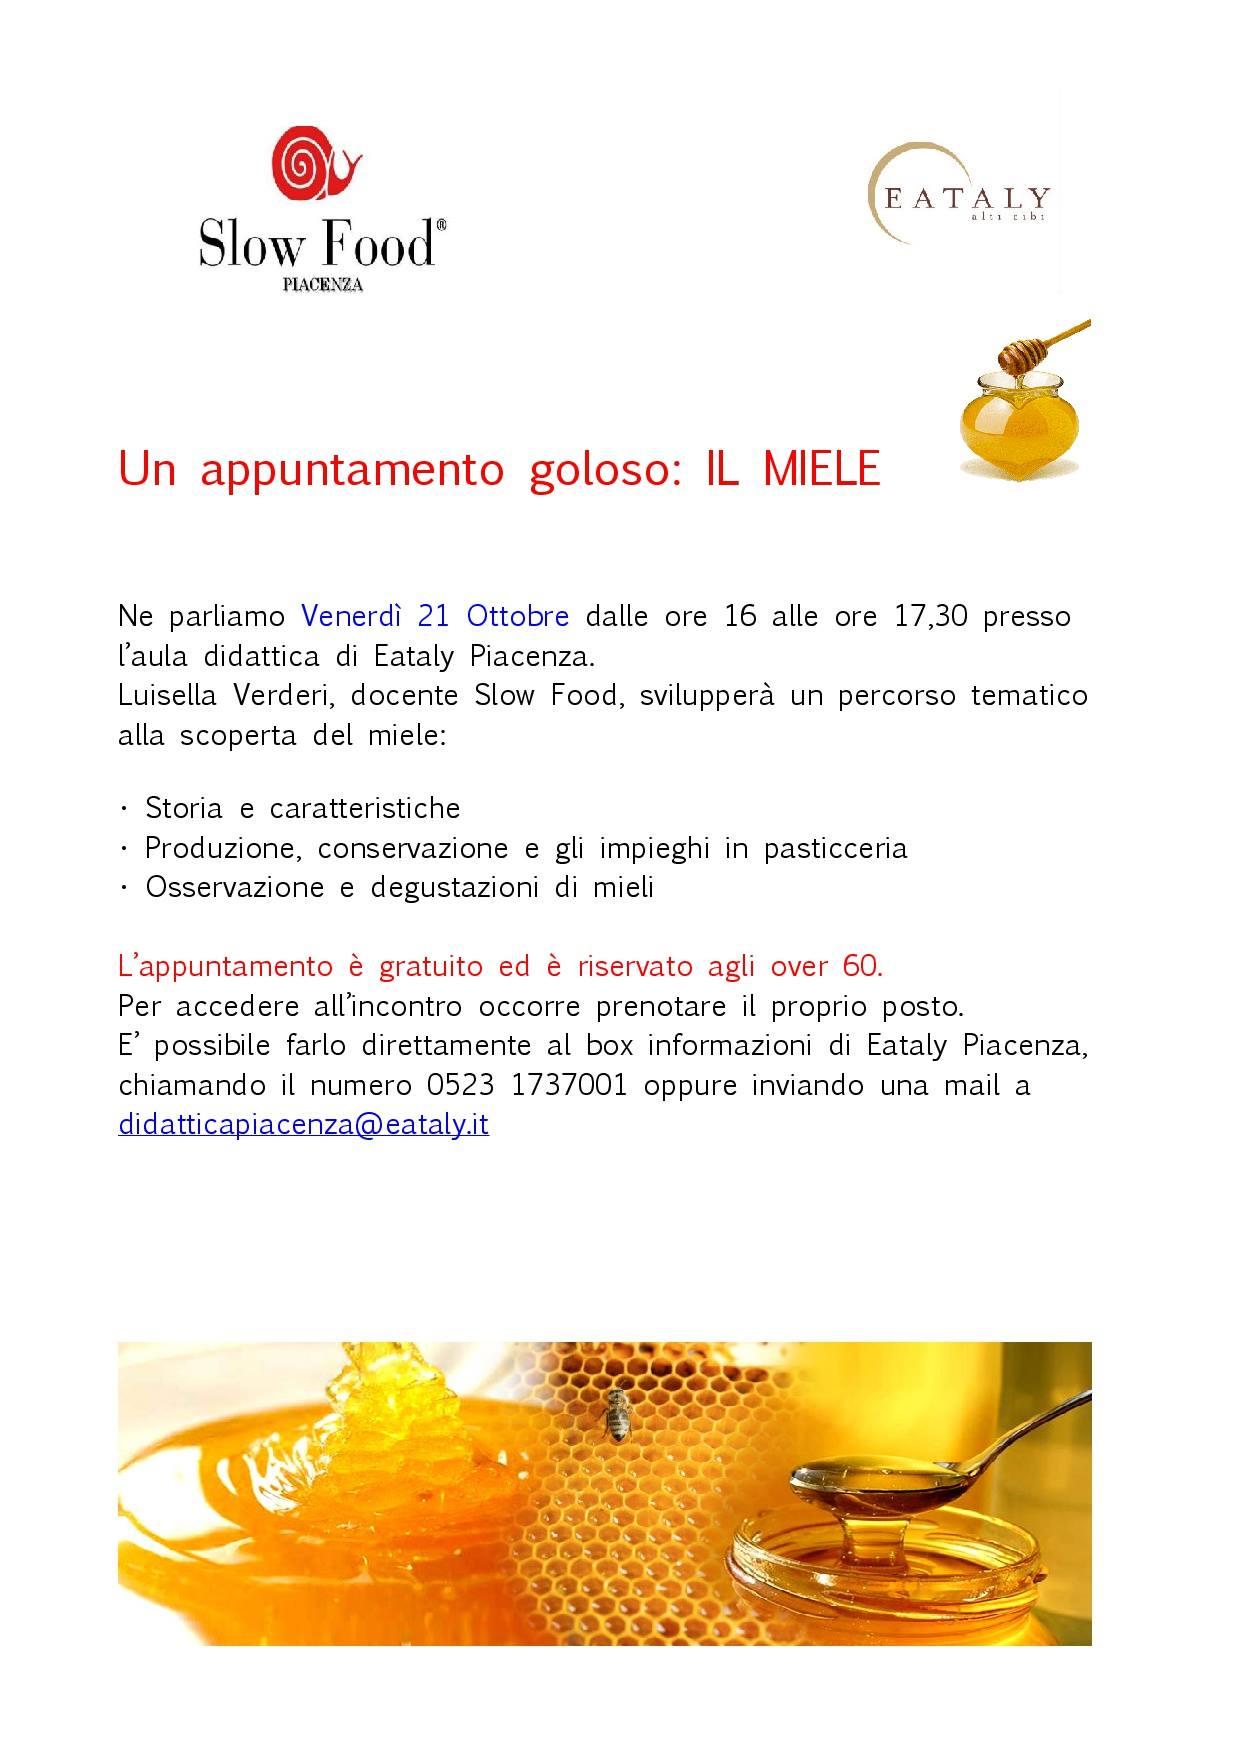 Slow Food Piacenza: alla scoperta del miele